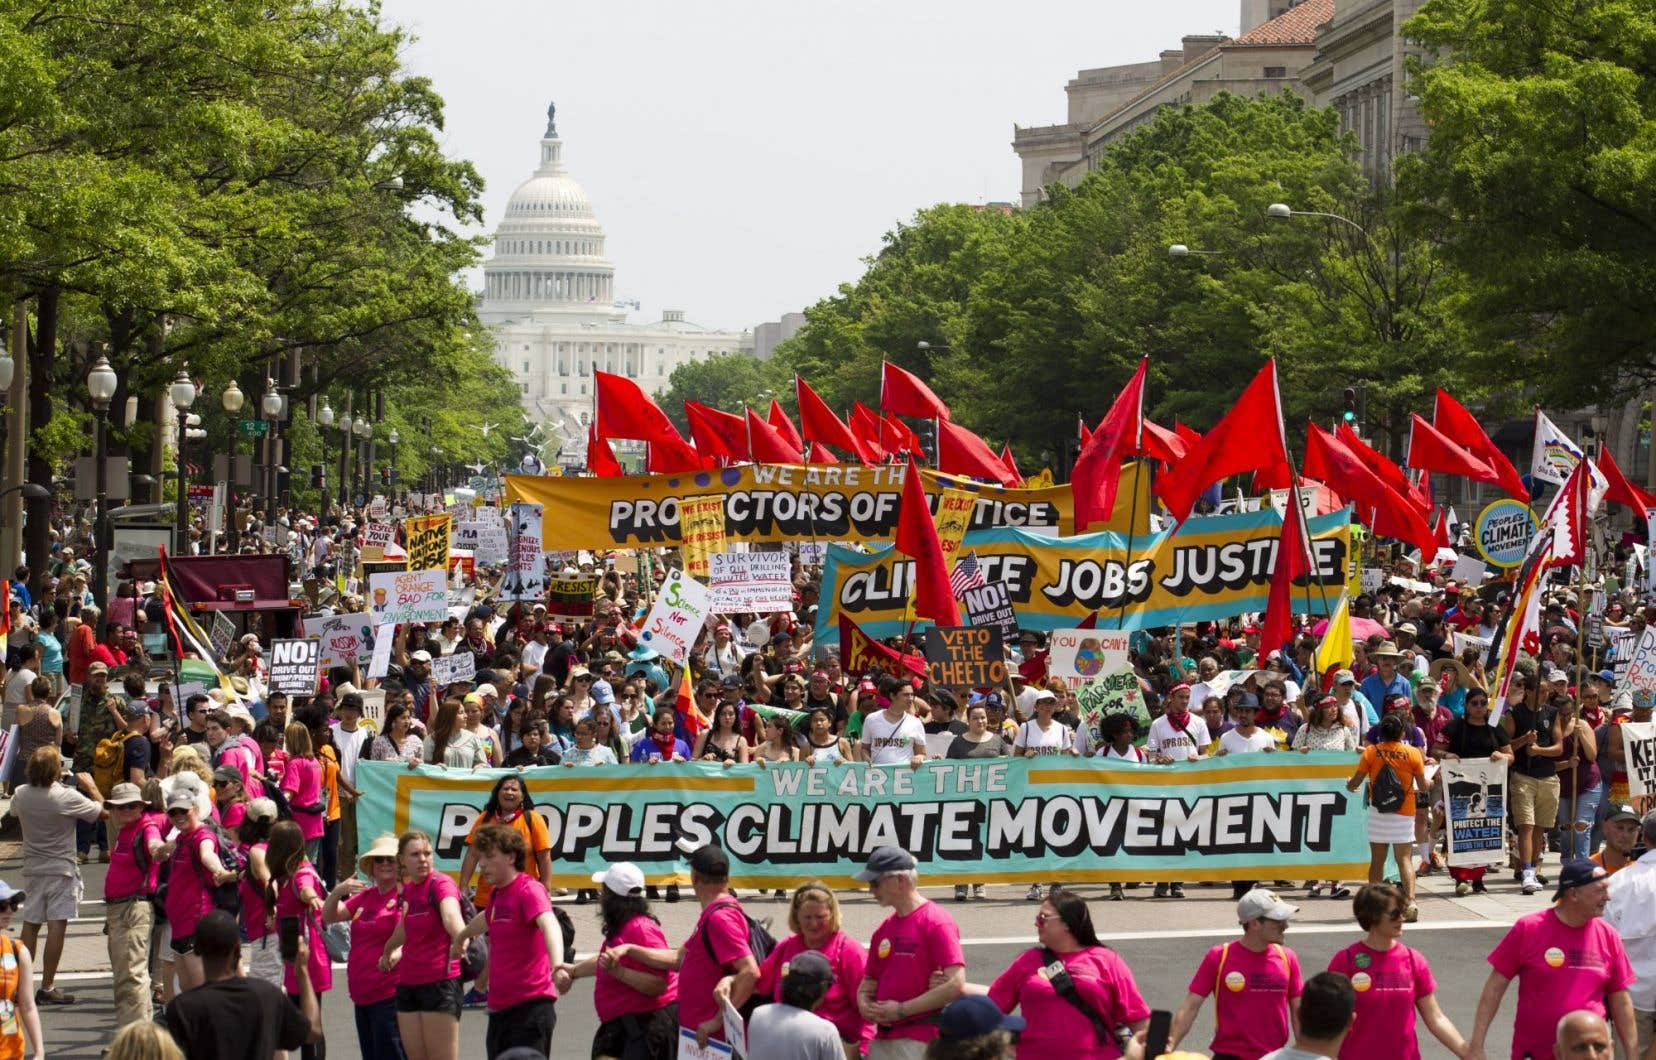 Les manifestants ont défilé sur l'avenue Pennsylvanie pendant la « Marche pour le climat », à Washington DC.